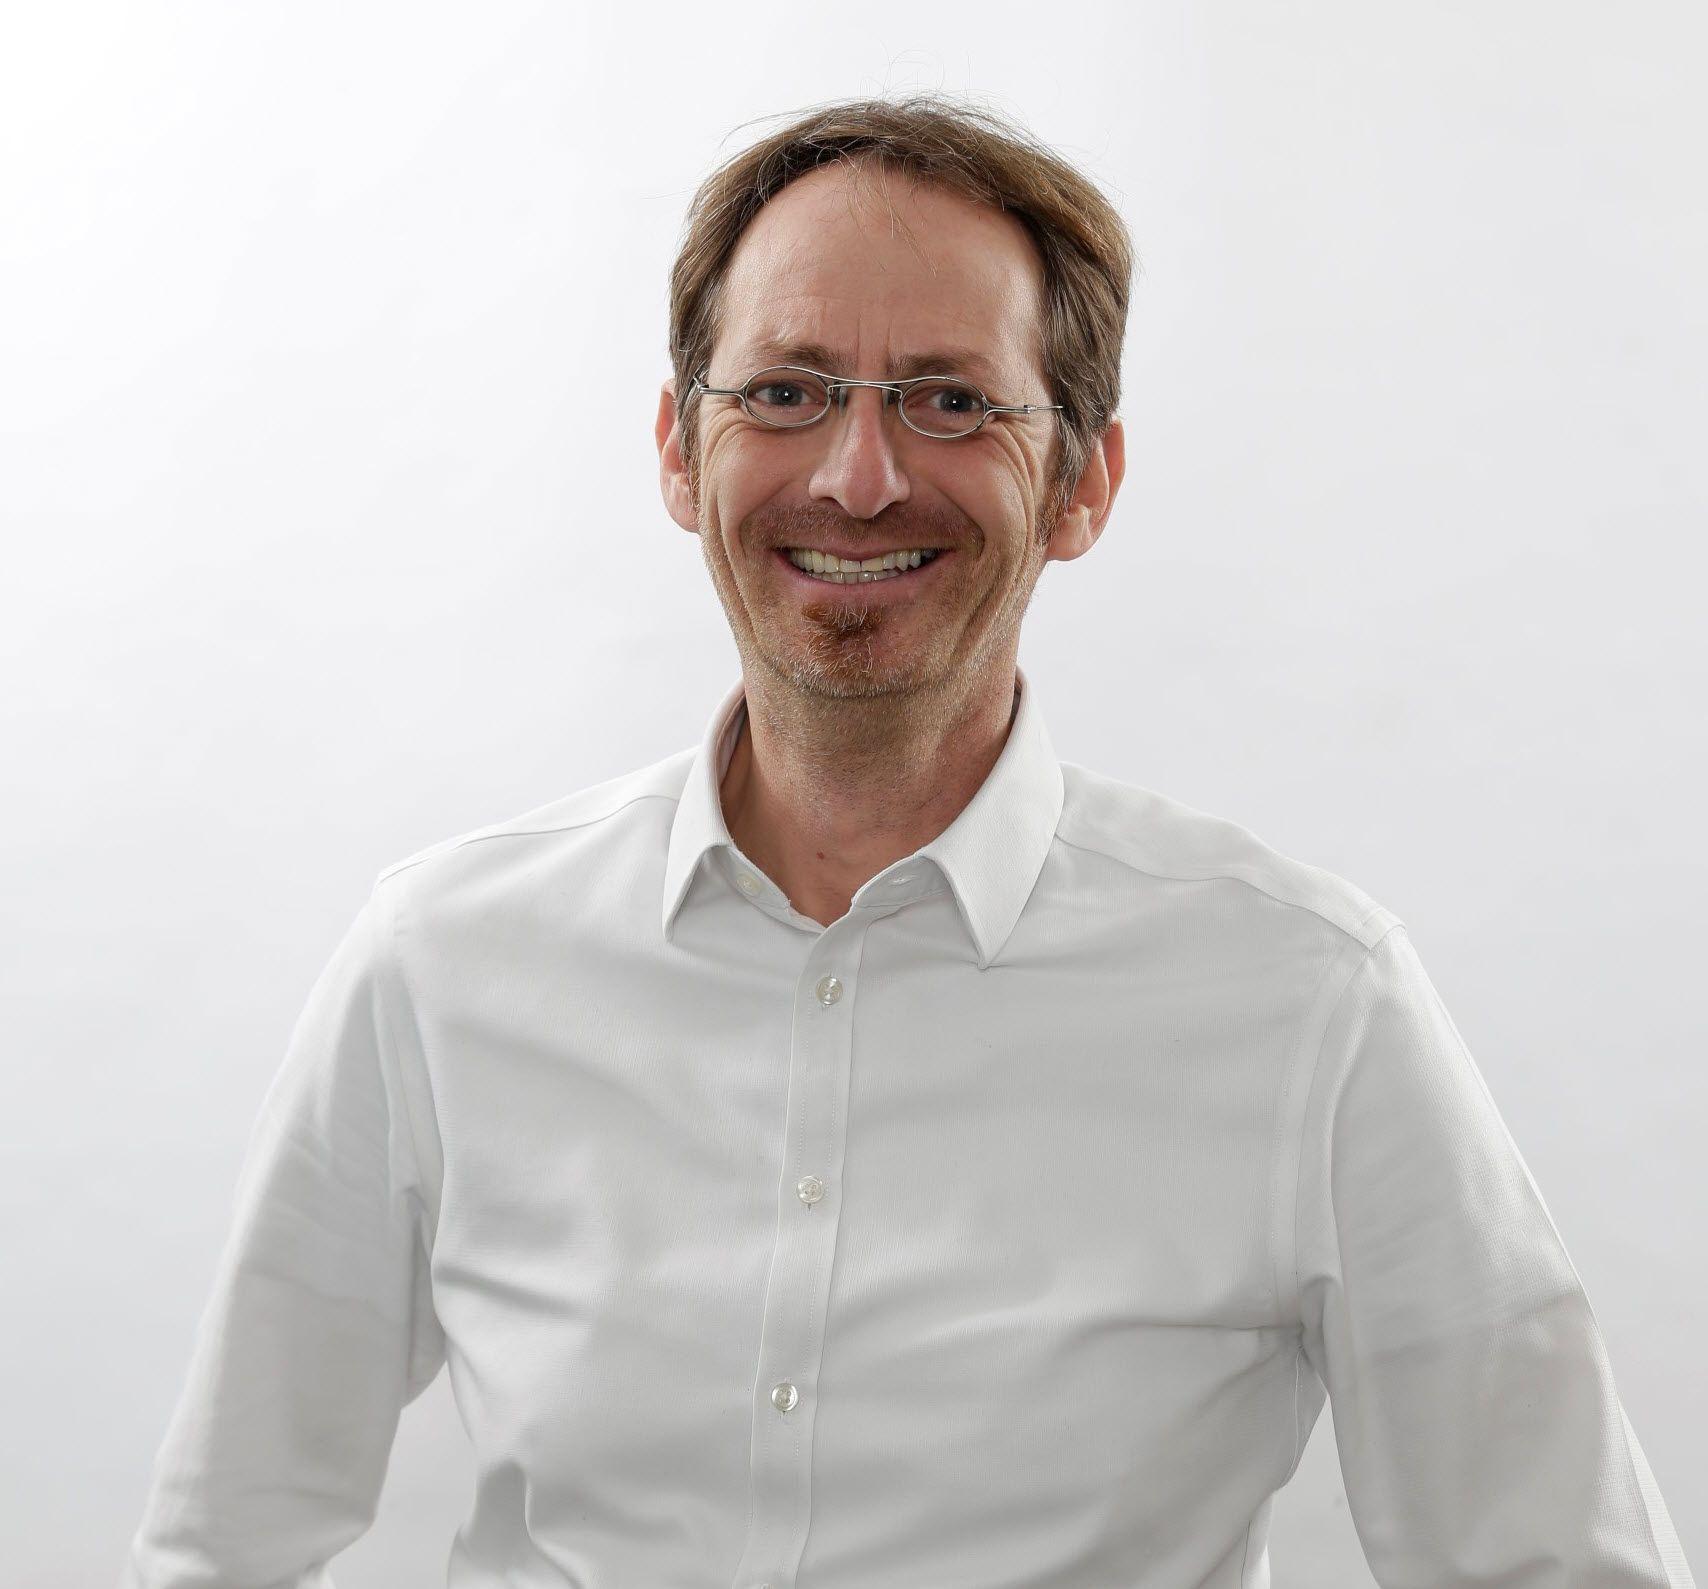 Andreas Wucherpfennig